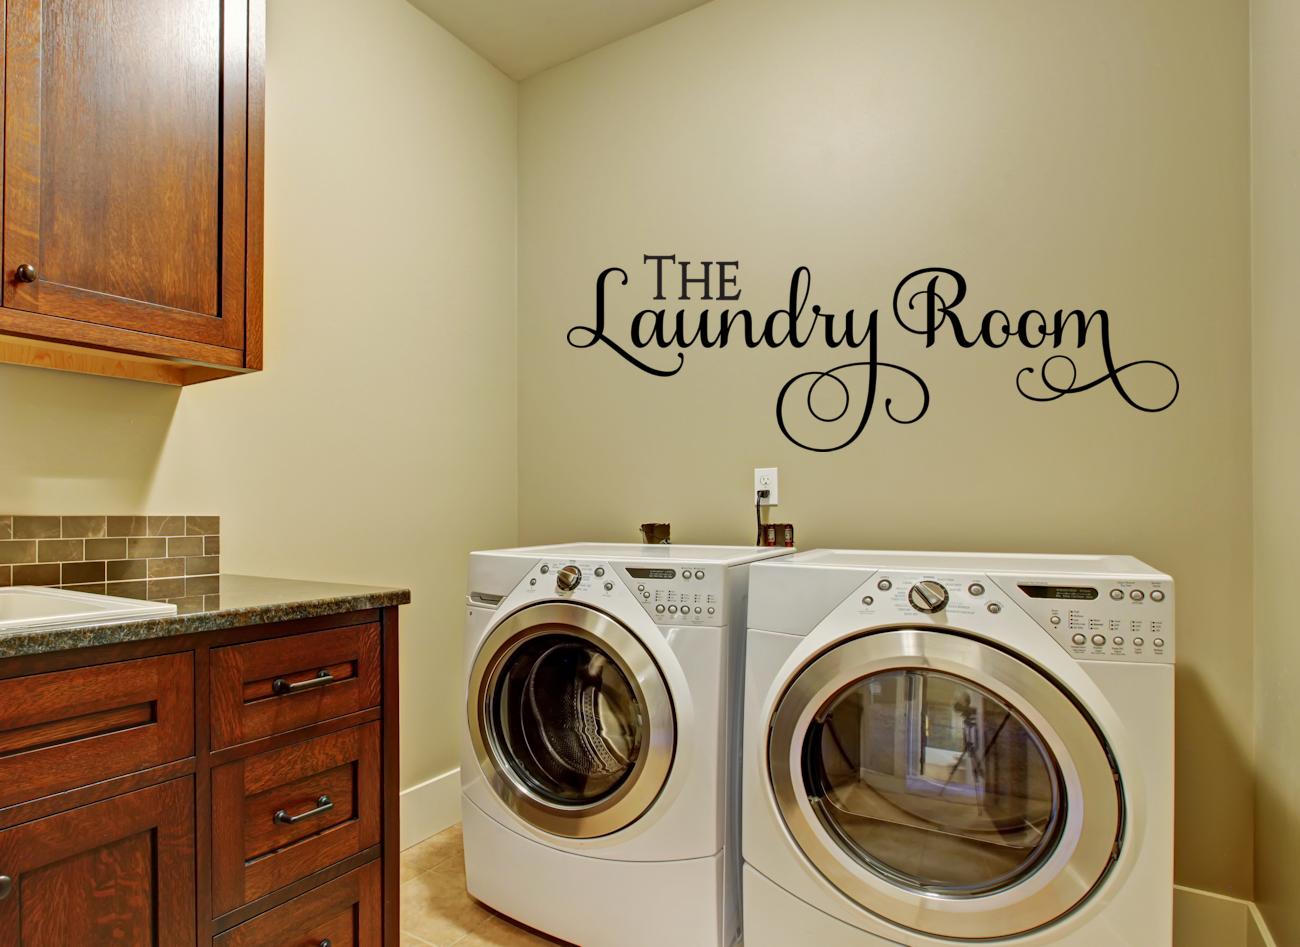 Laundry Vinyl Wall Decals Amandasdesignerdecals Wpcontent Uploads 2015 04 Thelaundry